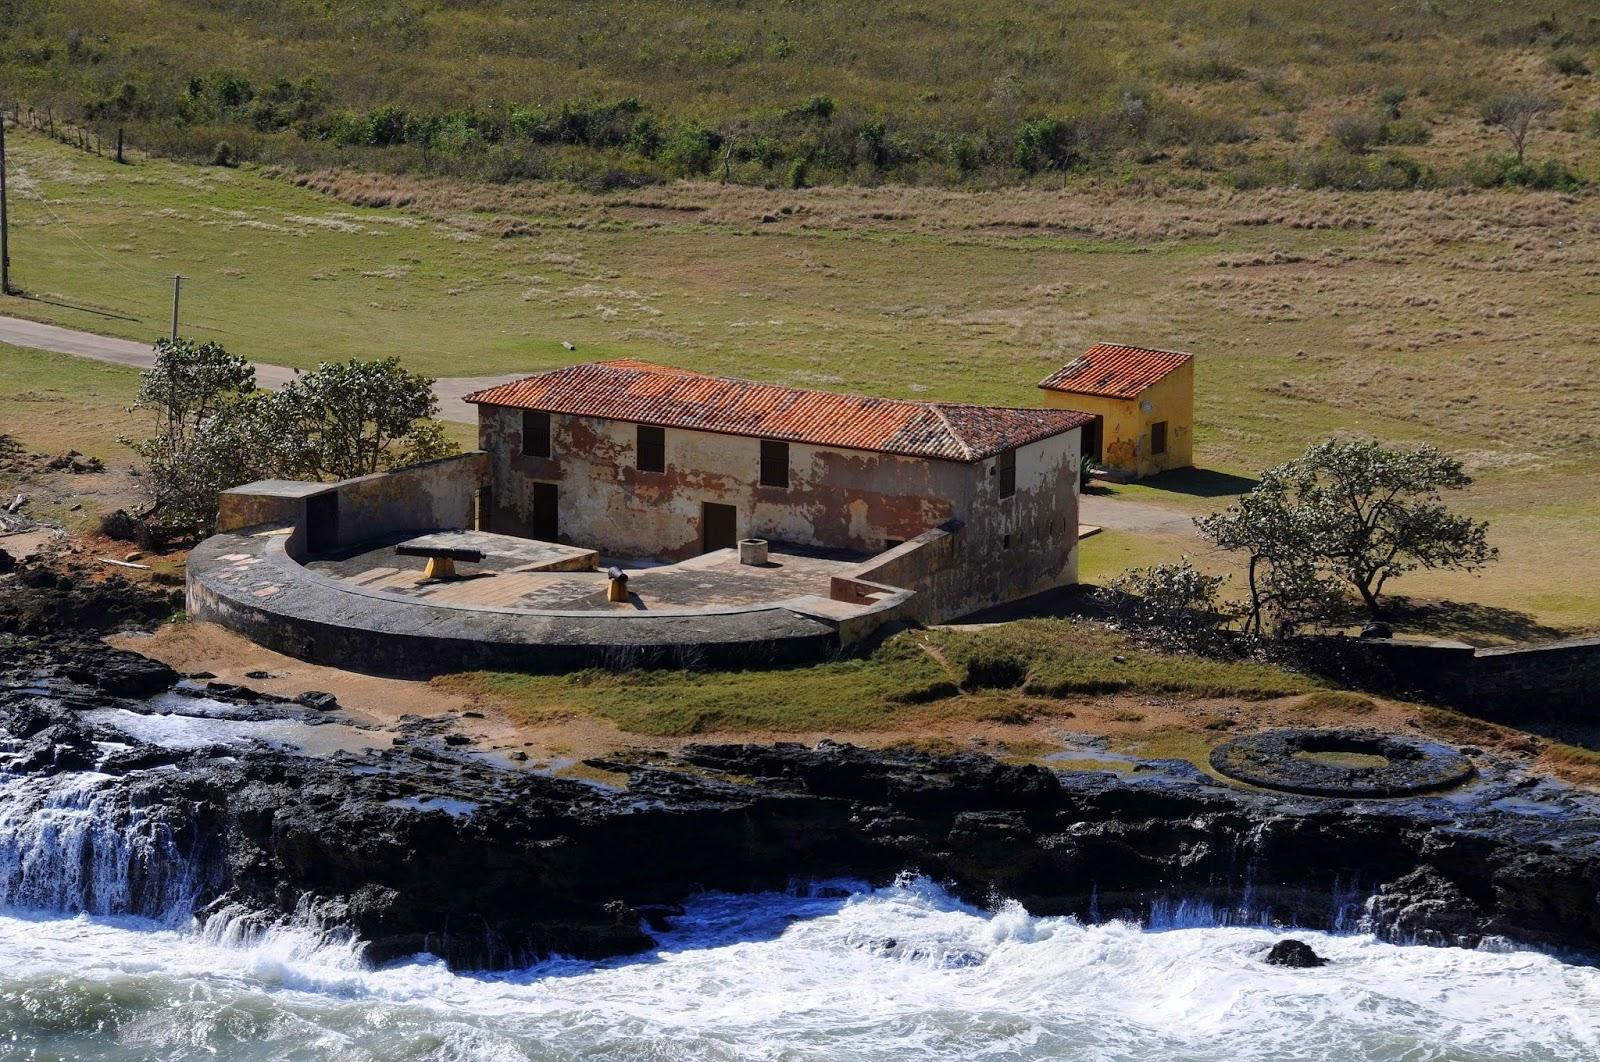 Batería de costa El Morrillo, en la costa de la bahía de Matanzas